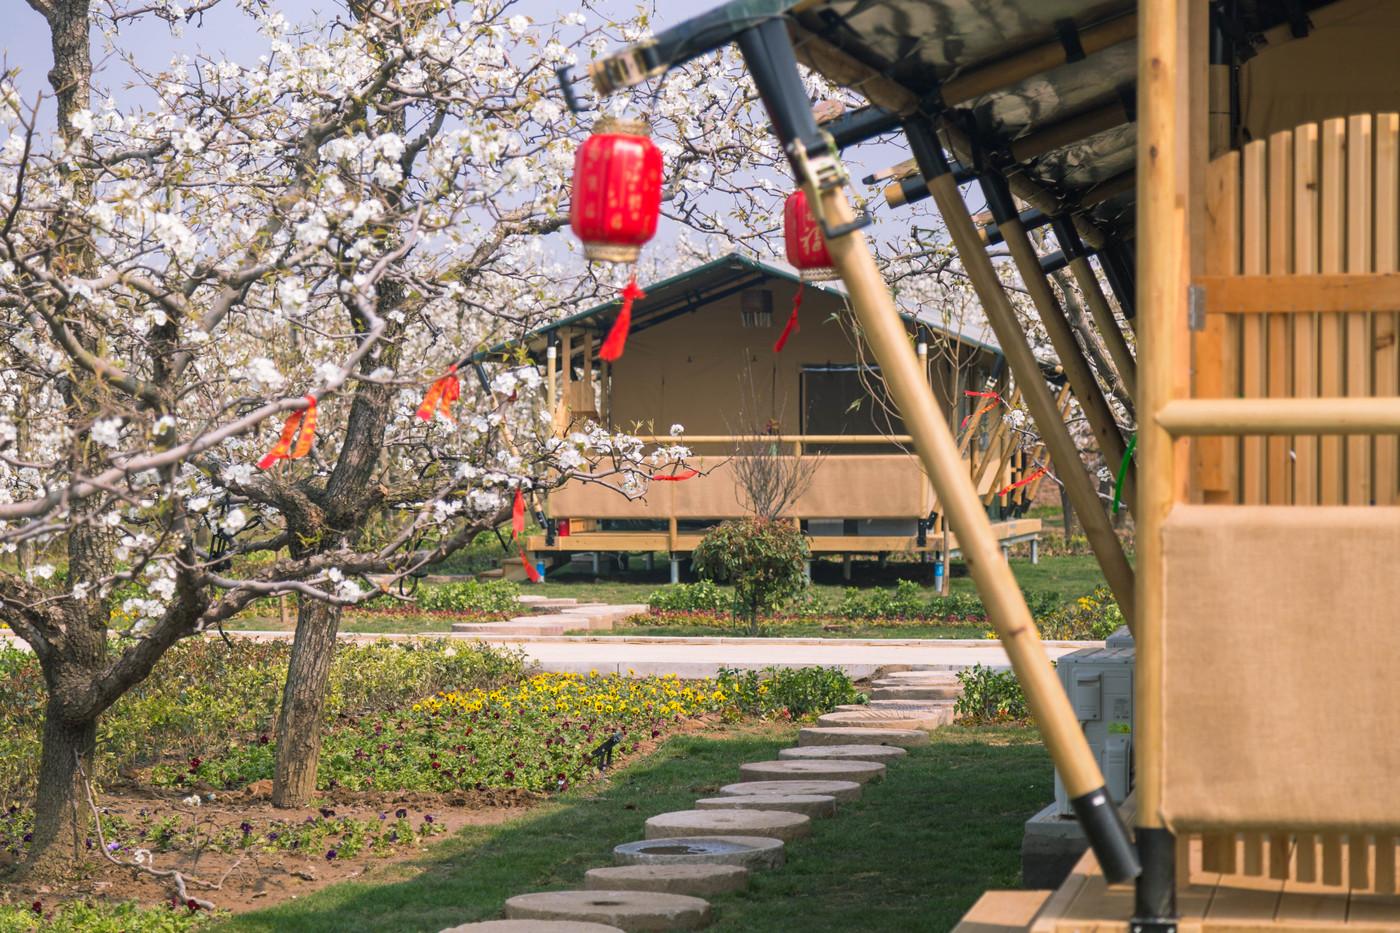 喜马拉雅野奢帐篷酒店—安徽砀山东篱蓬芦(梨园78平)19